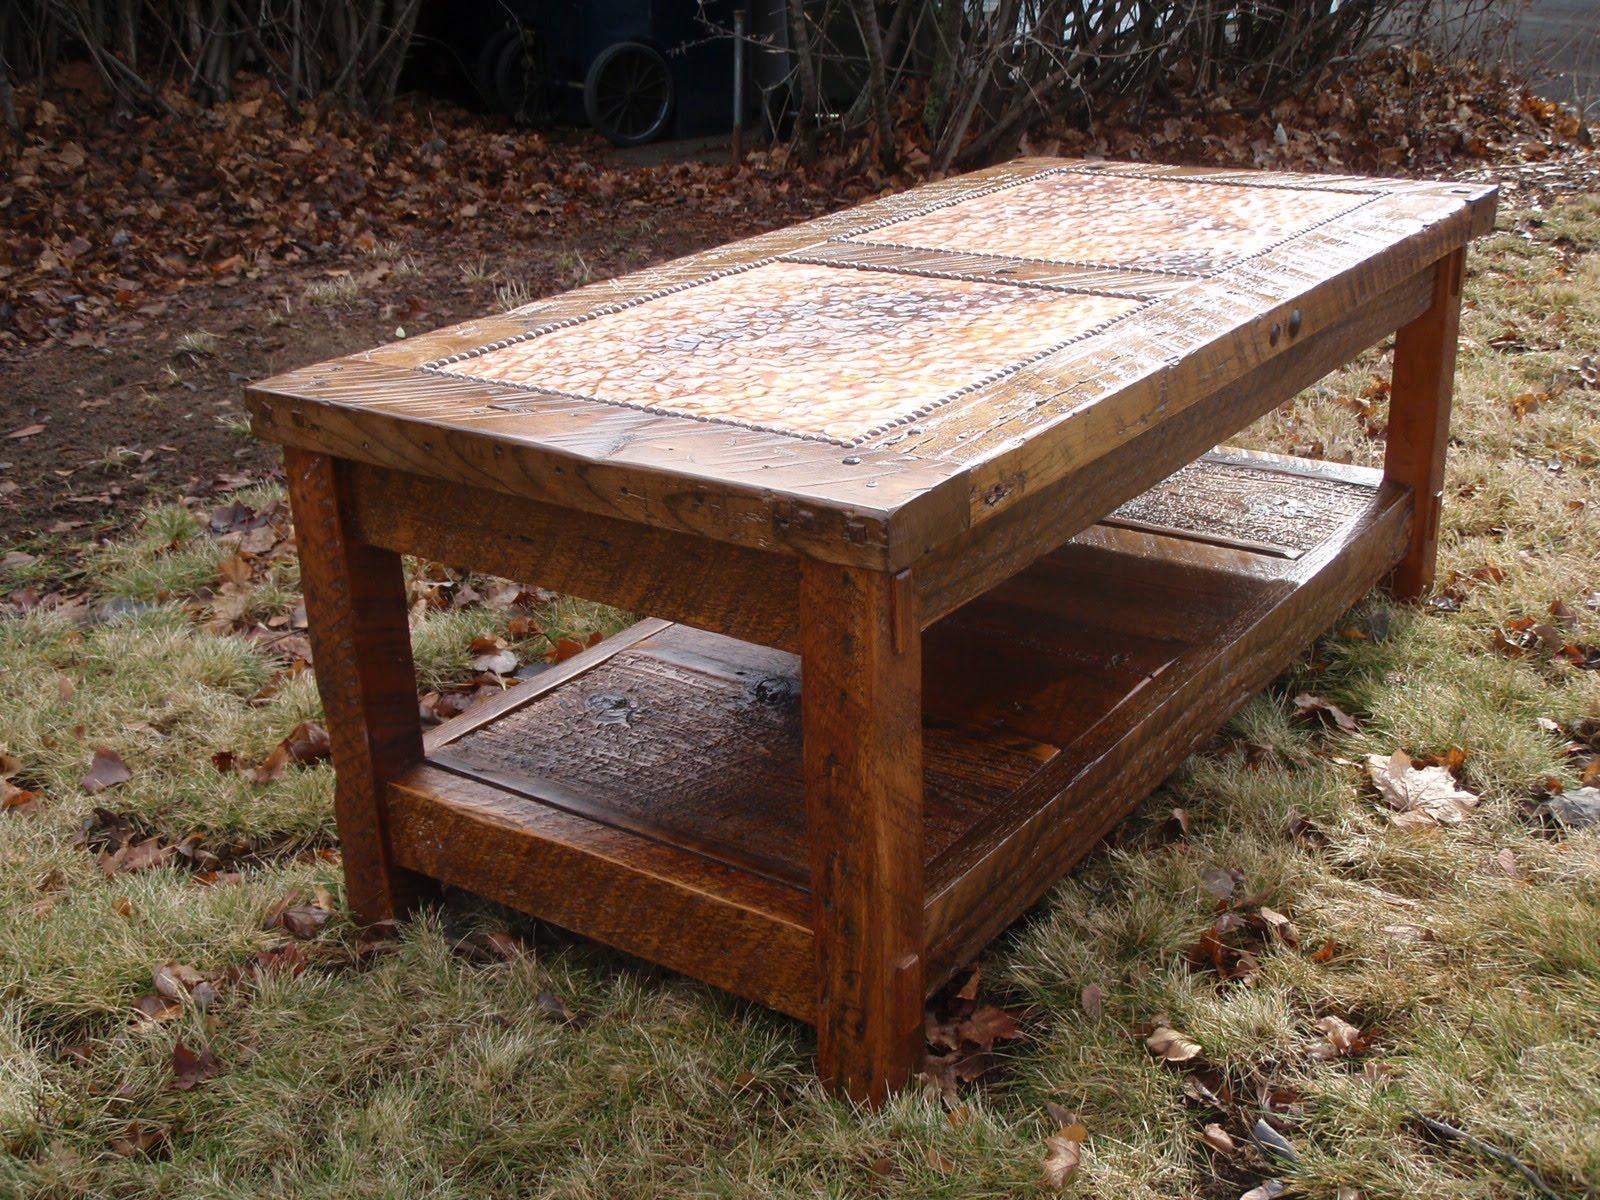 rusticworks wood working photo journal barnwood coffee table